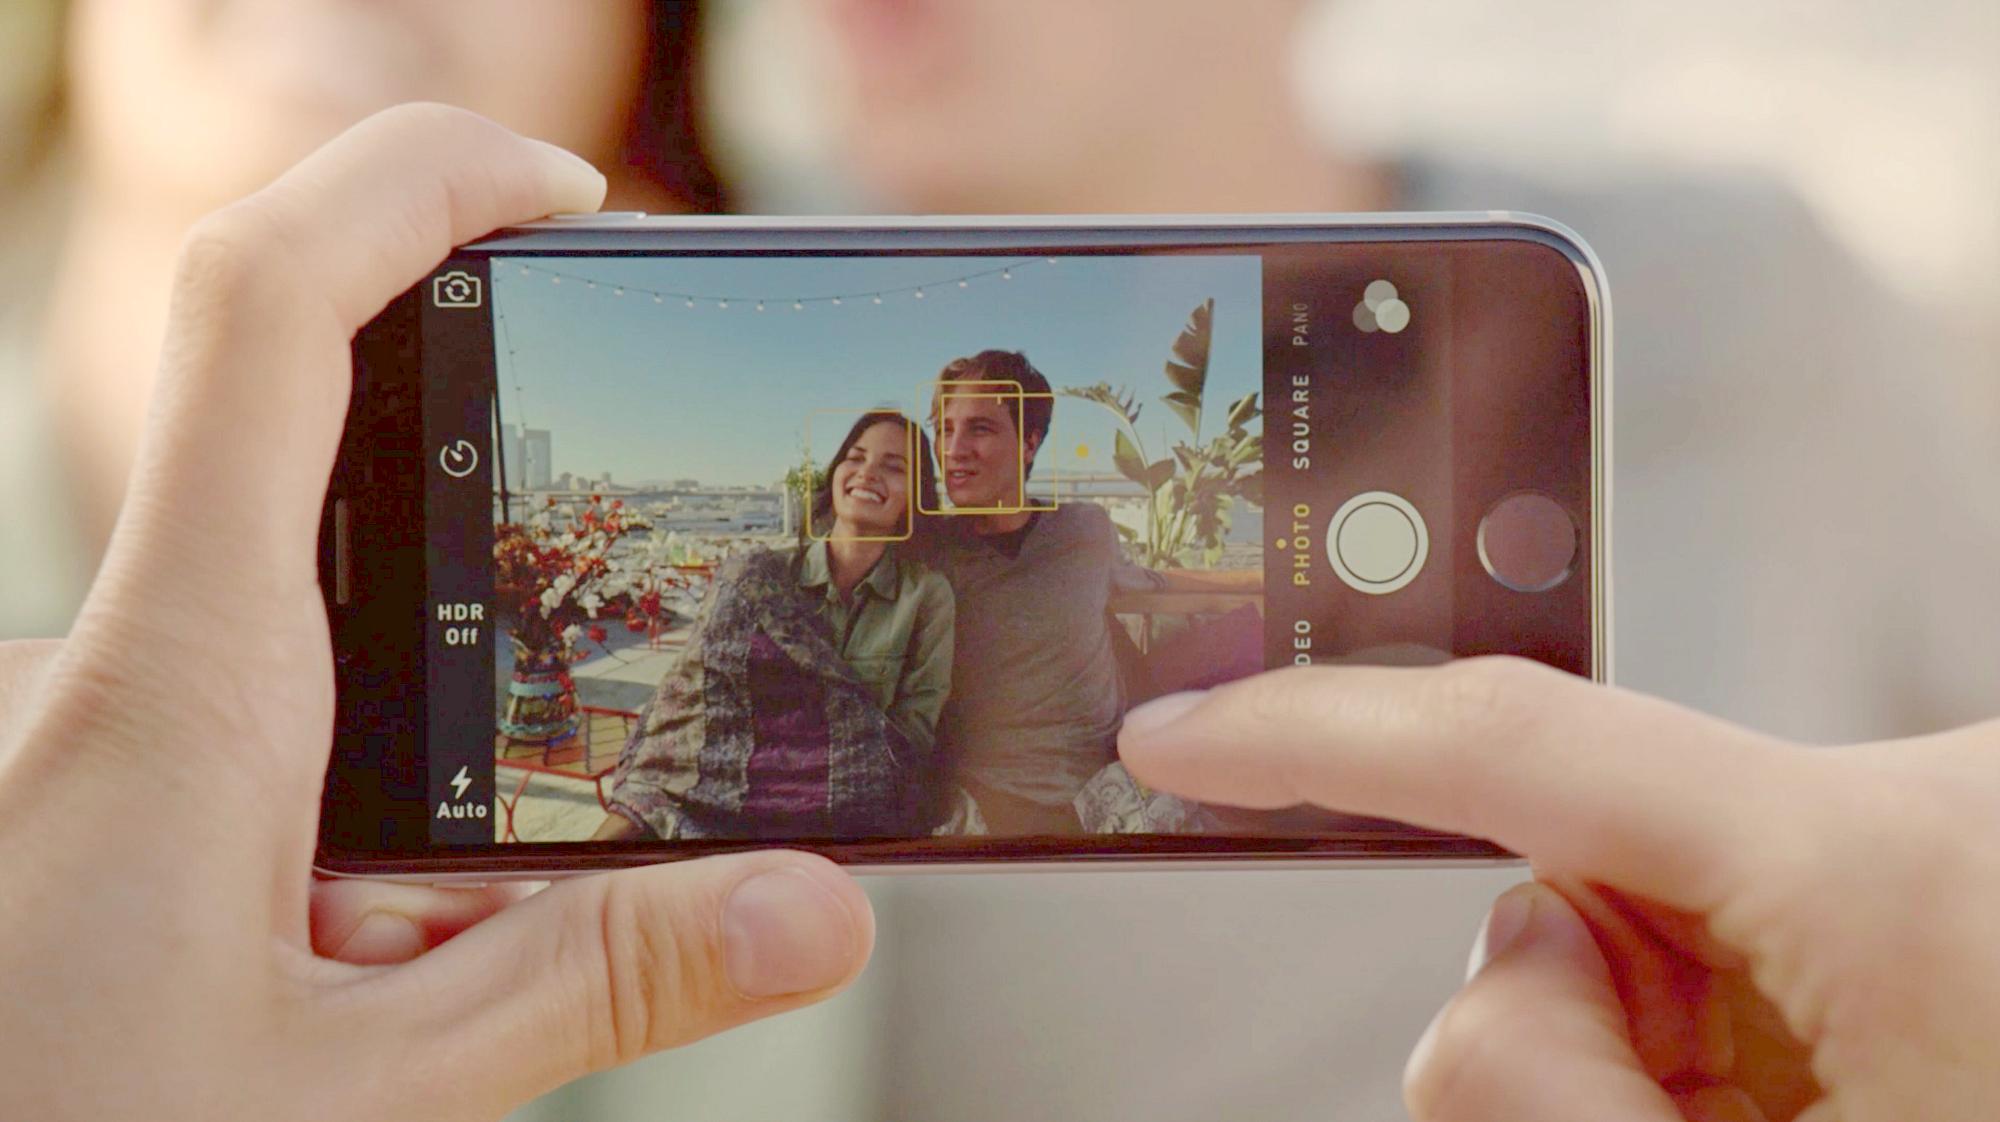 «Фото и Камера» и включите «Сетку». Можете там же включить съемку видео со скоростью 60 к/с, чтобы п